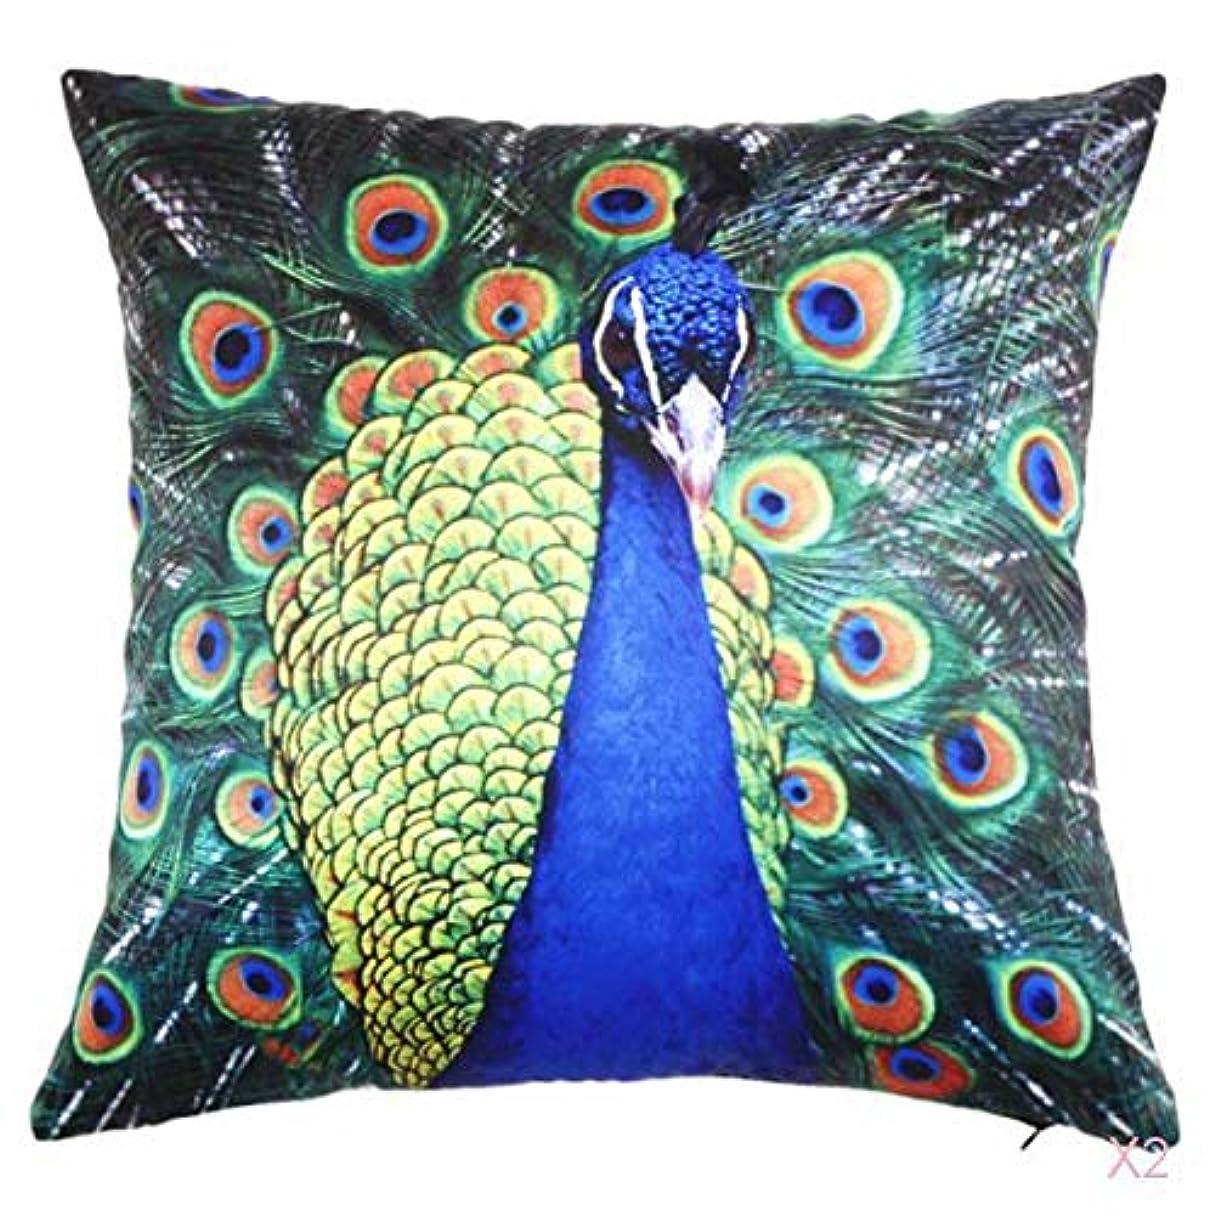 プレゼン杖影響を受けやすいです45センチメートル家の装飾スロー枕カバークッションカバーヴィンテージ孔雀のパターン03